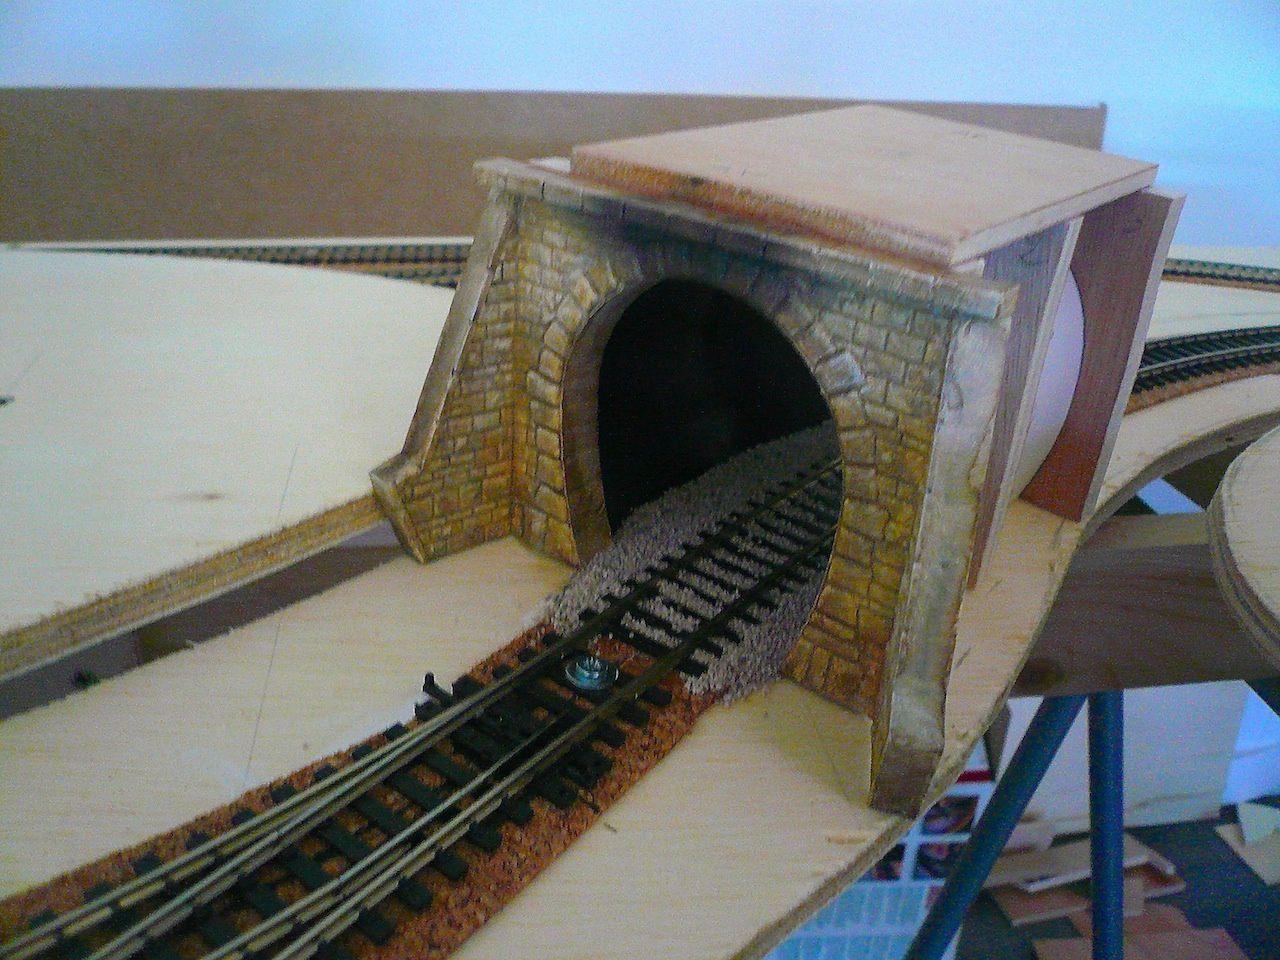 Réseau &quot&#x3B;Tortillard&quot&#x3B; - Entrées de tunnel (3)